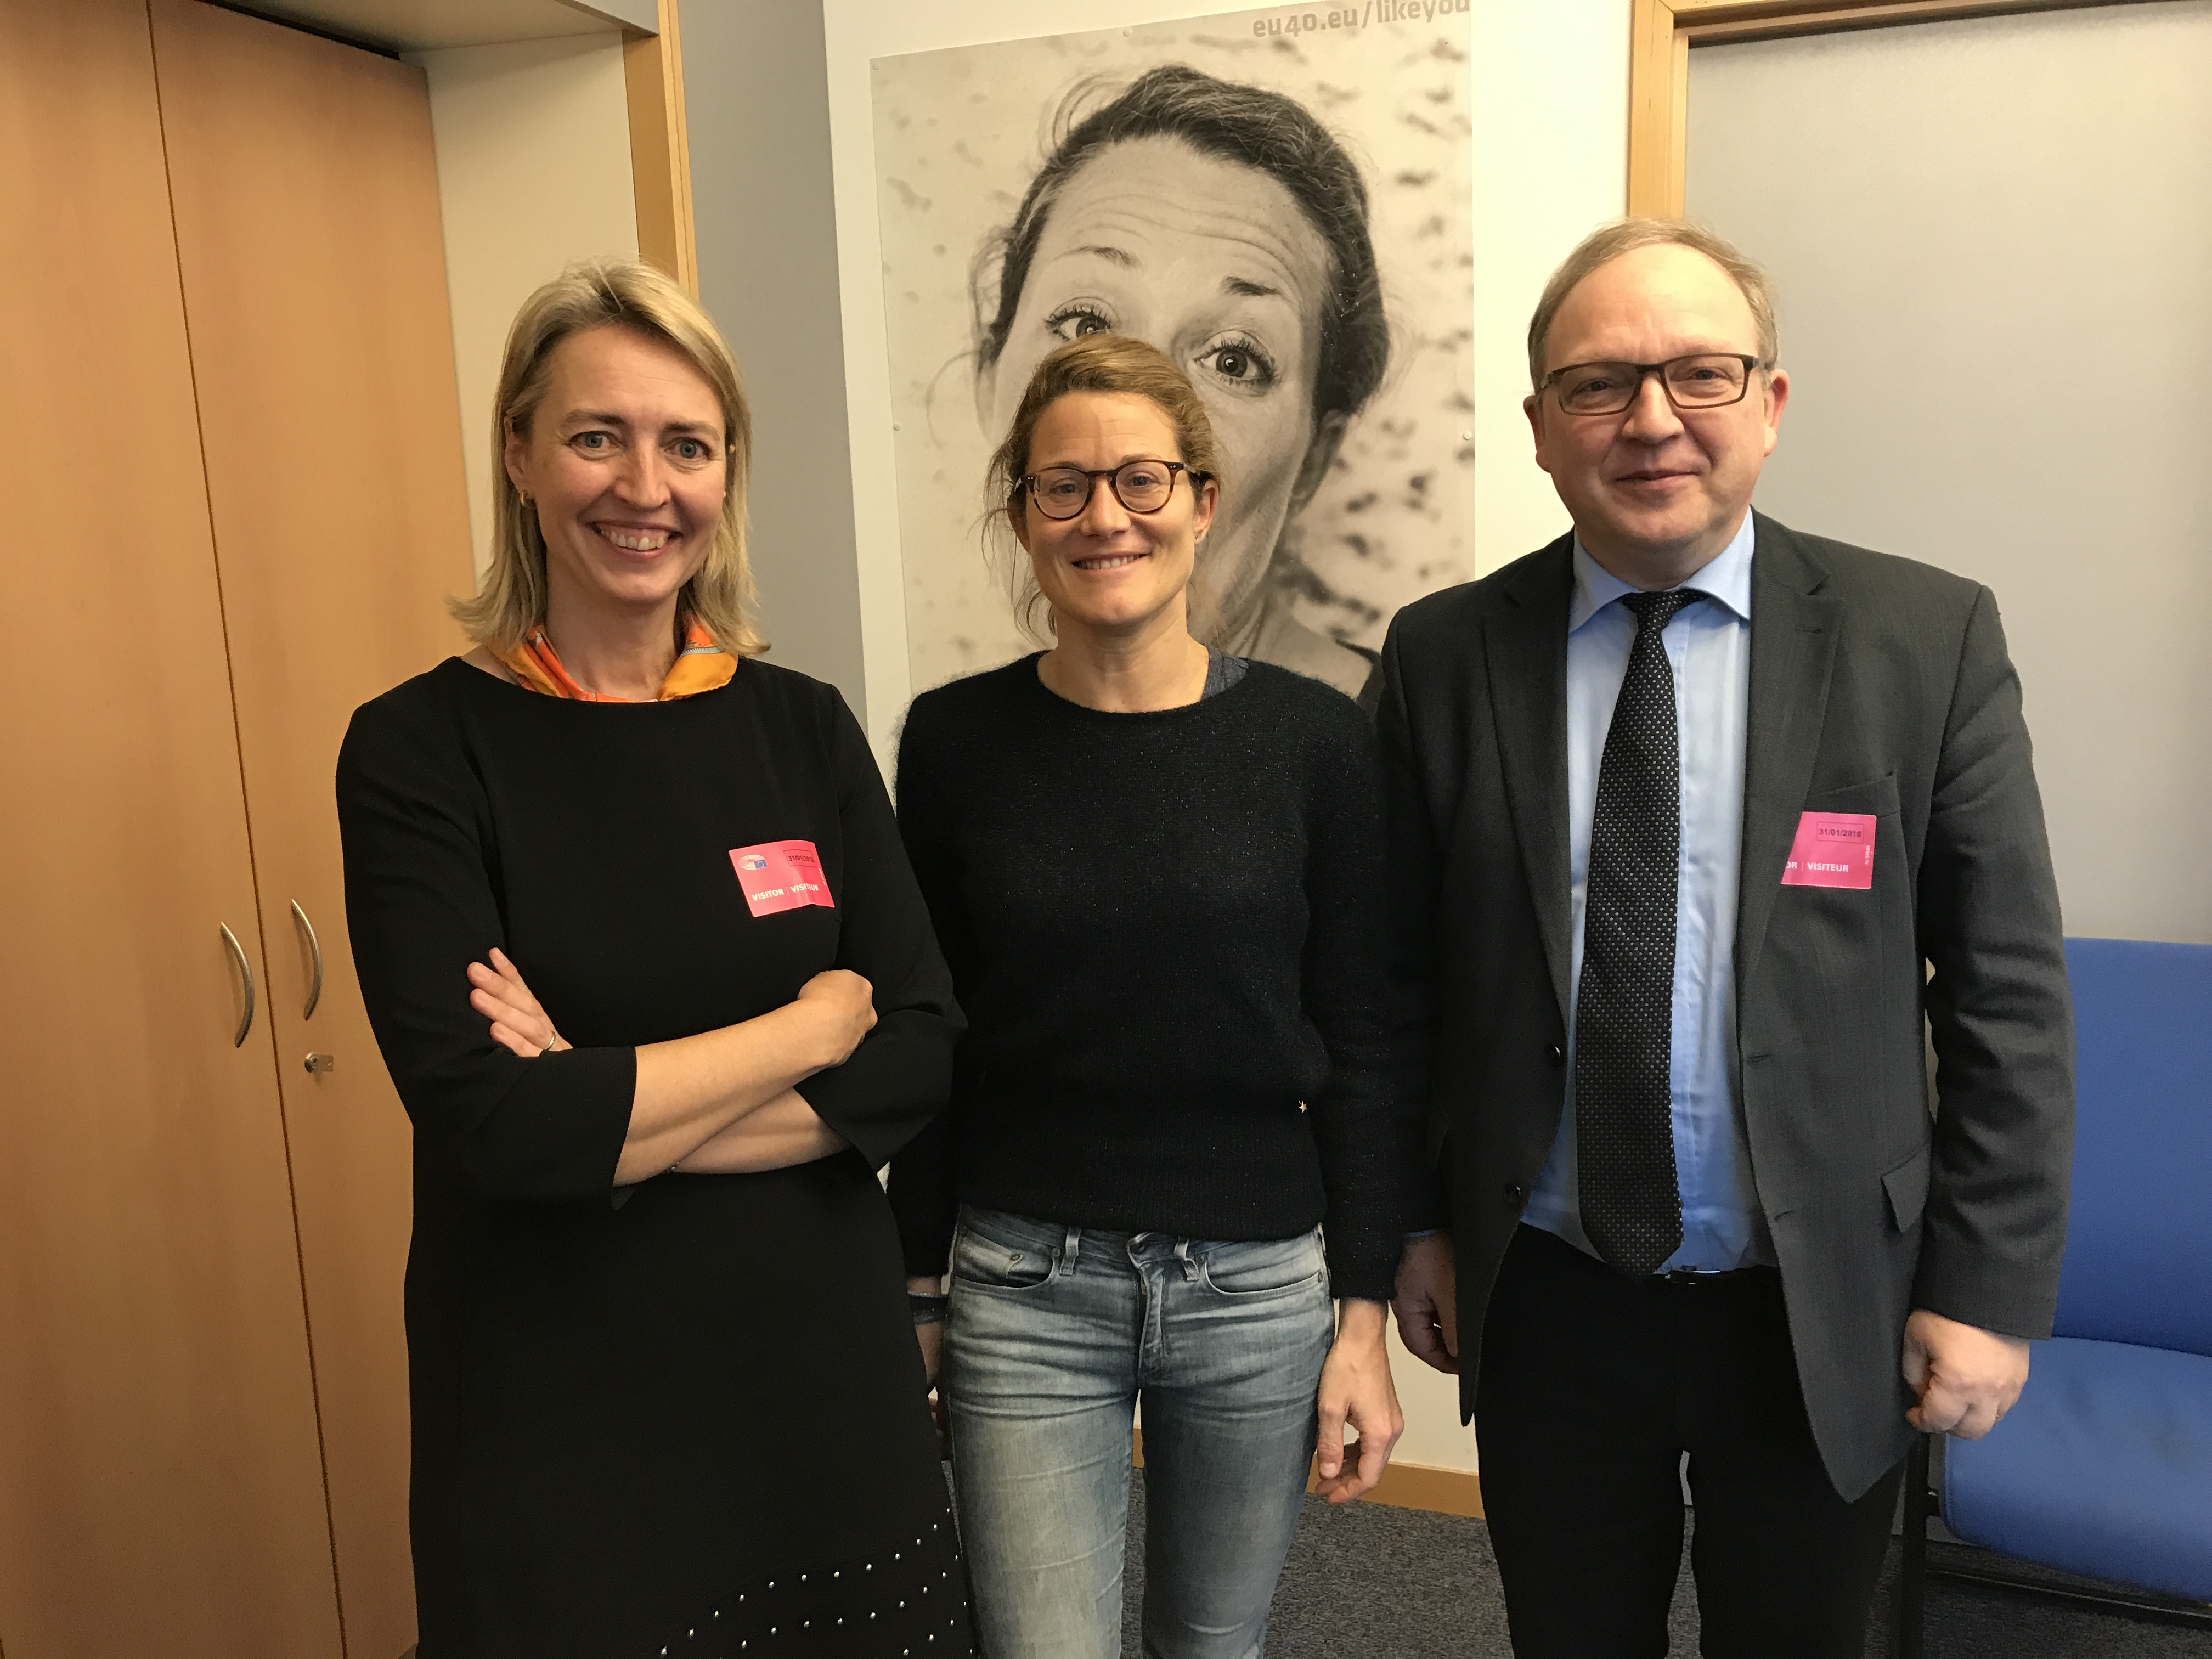 Prof. Vonck en prof. Lagae voor aandacht naar Epilepsie